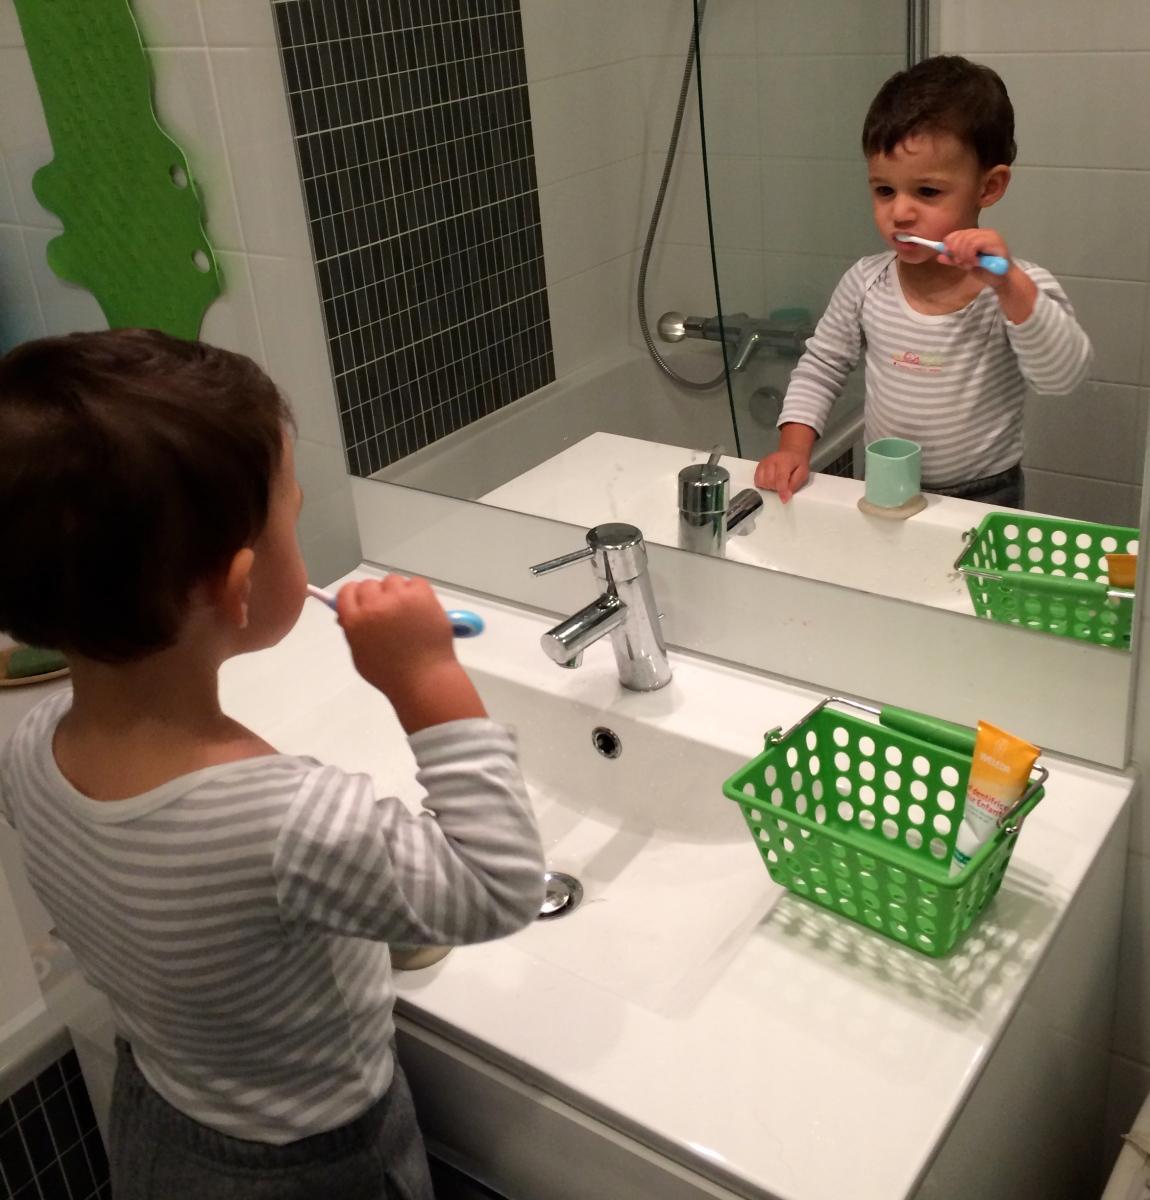 L'Activité Montessori du Jour : se brosser les dents